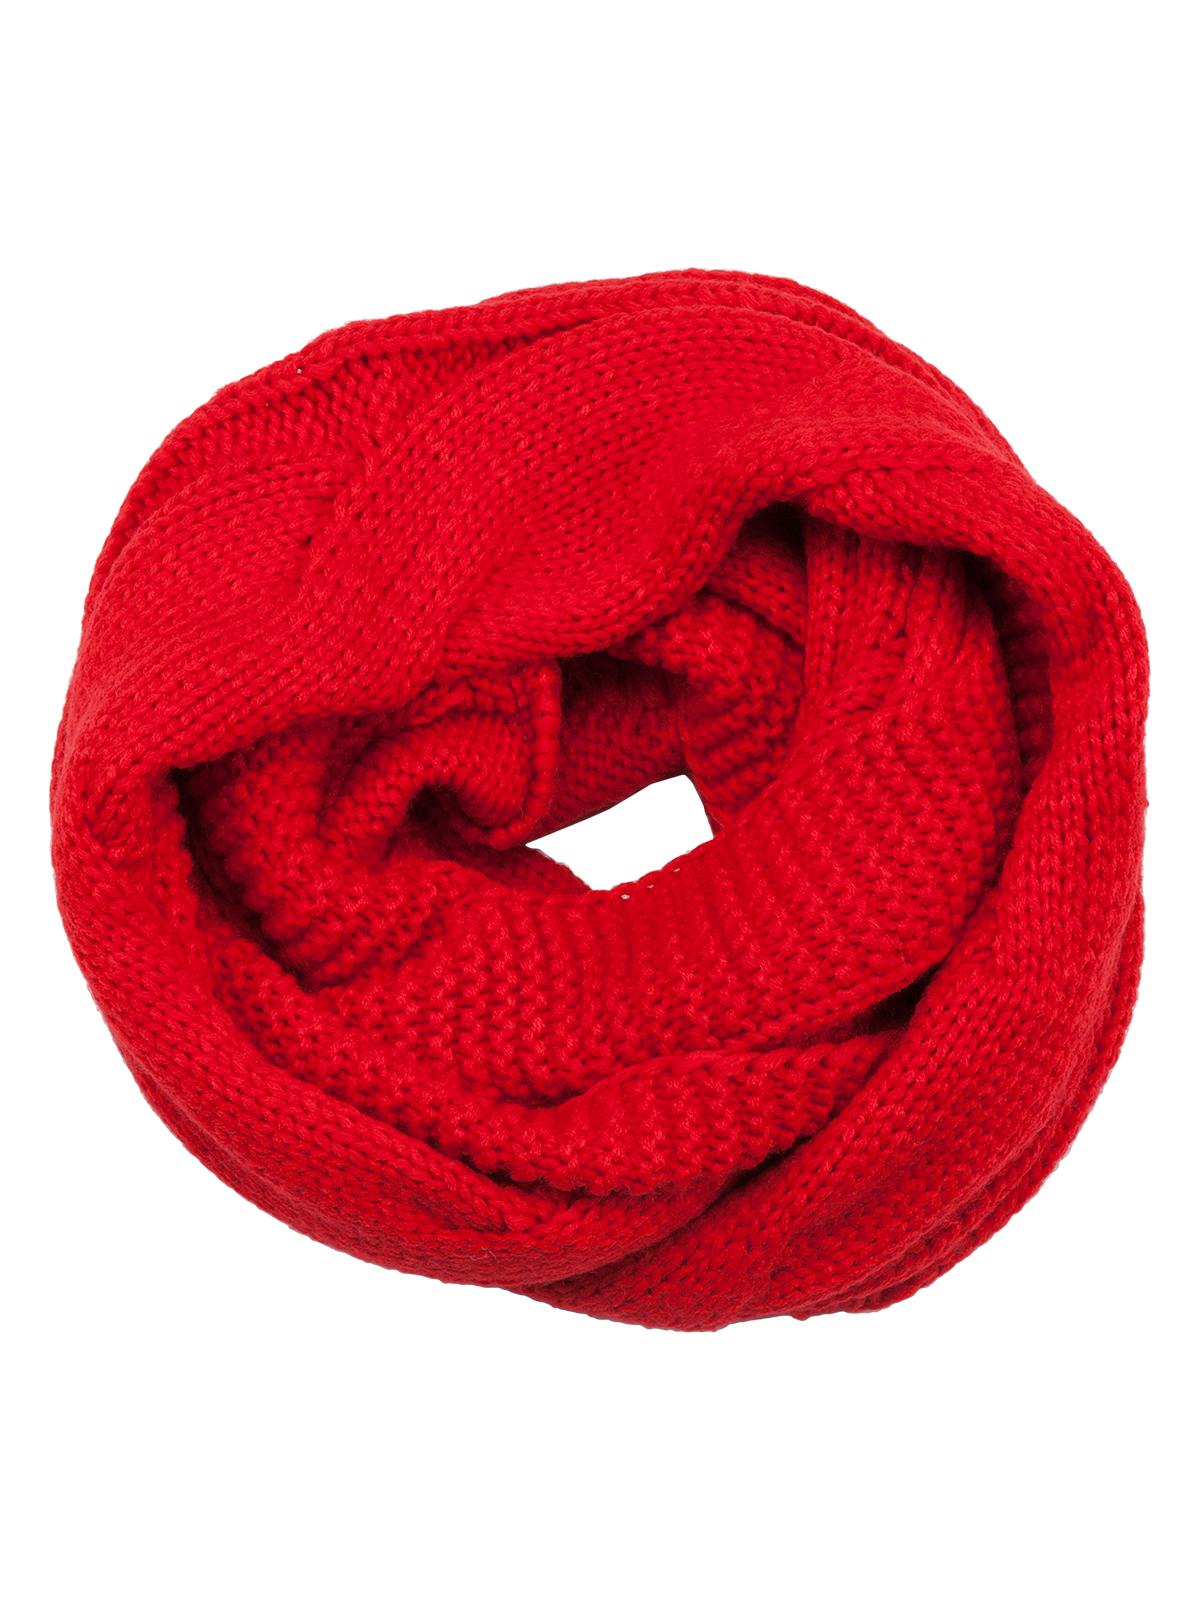 Снуд-хомут Eleganzza, цвет: красный. DB33-6405. Размер 30 см х 140 смDB33-6405Женский вязаный снуд-хомут Labbra выполнен из высококачественной вискозы с добавлением теплой шерсти.Модель оформлена крупной вязкой с узором.